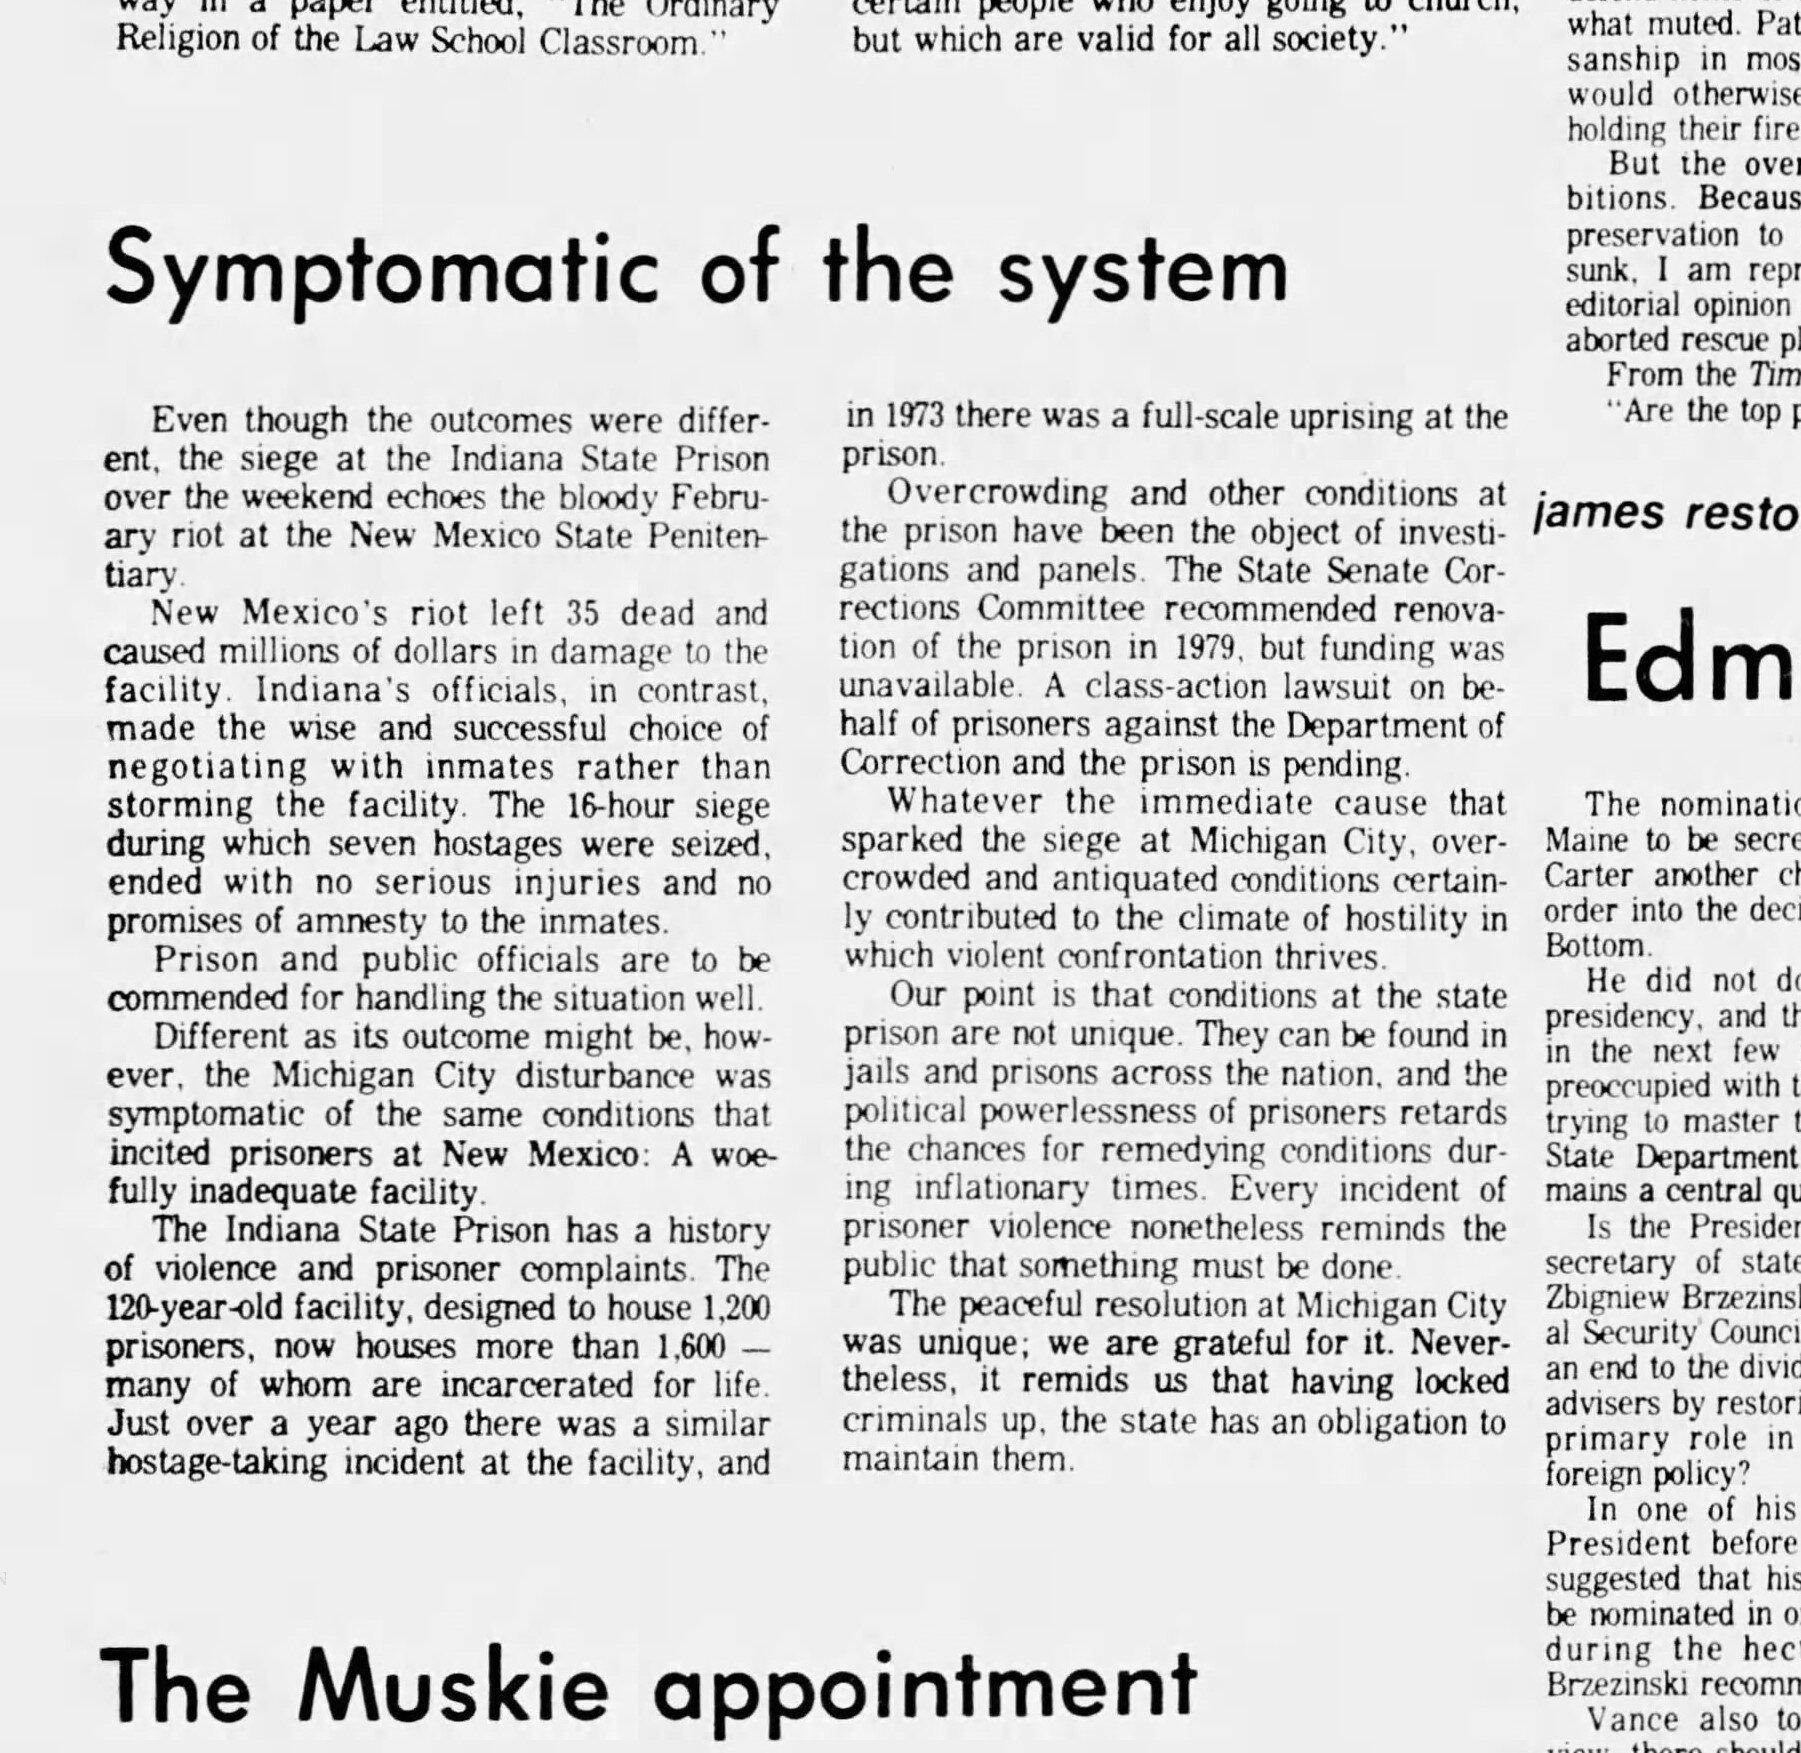 The_Indianapolis_News_Thu__May_1__1980_1.jpg